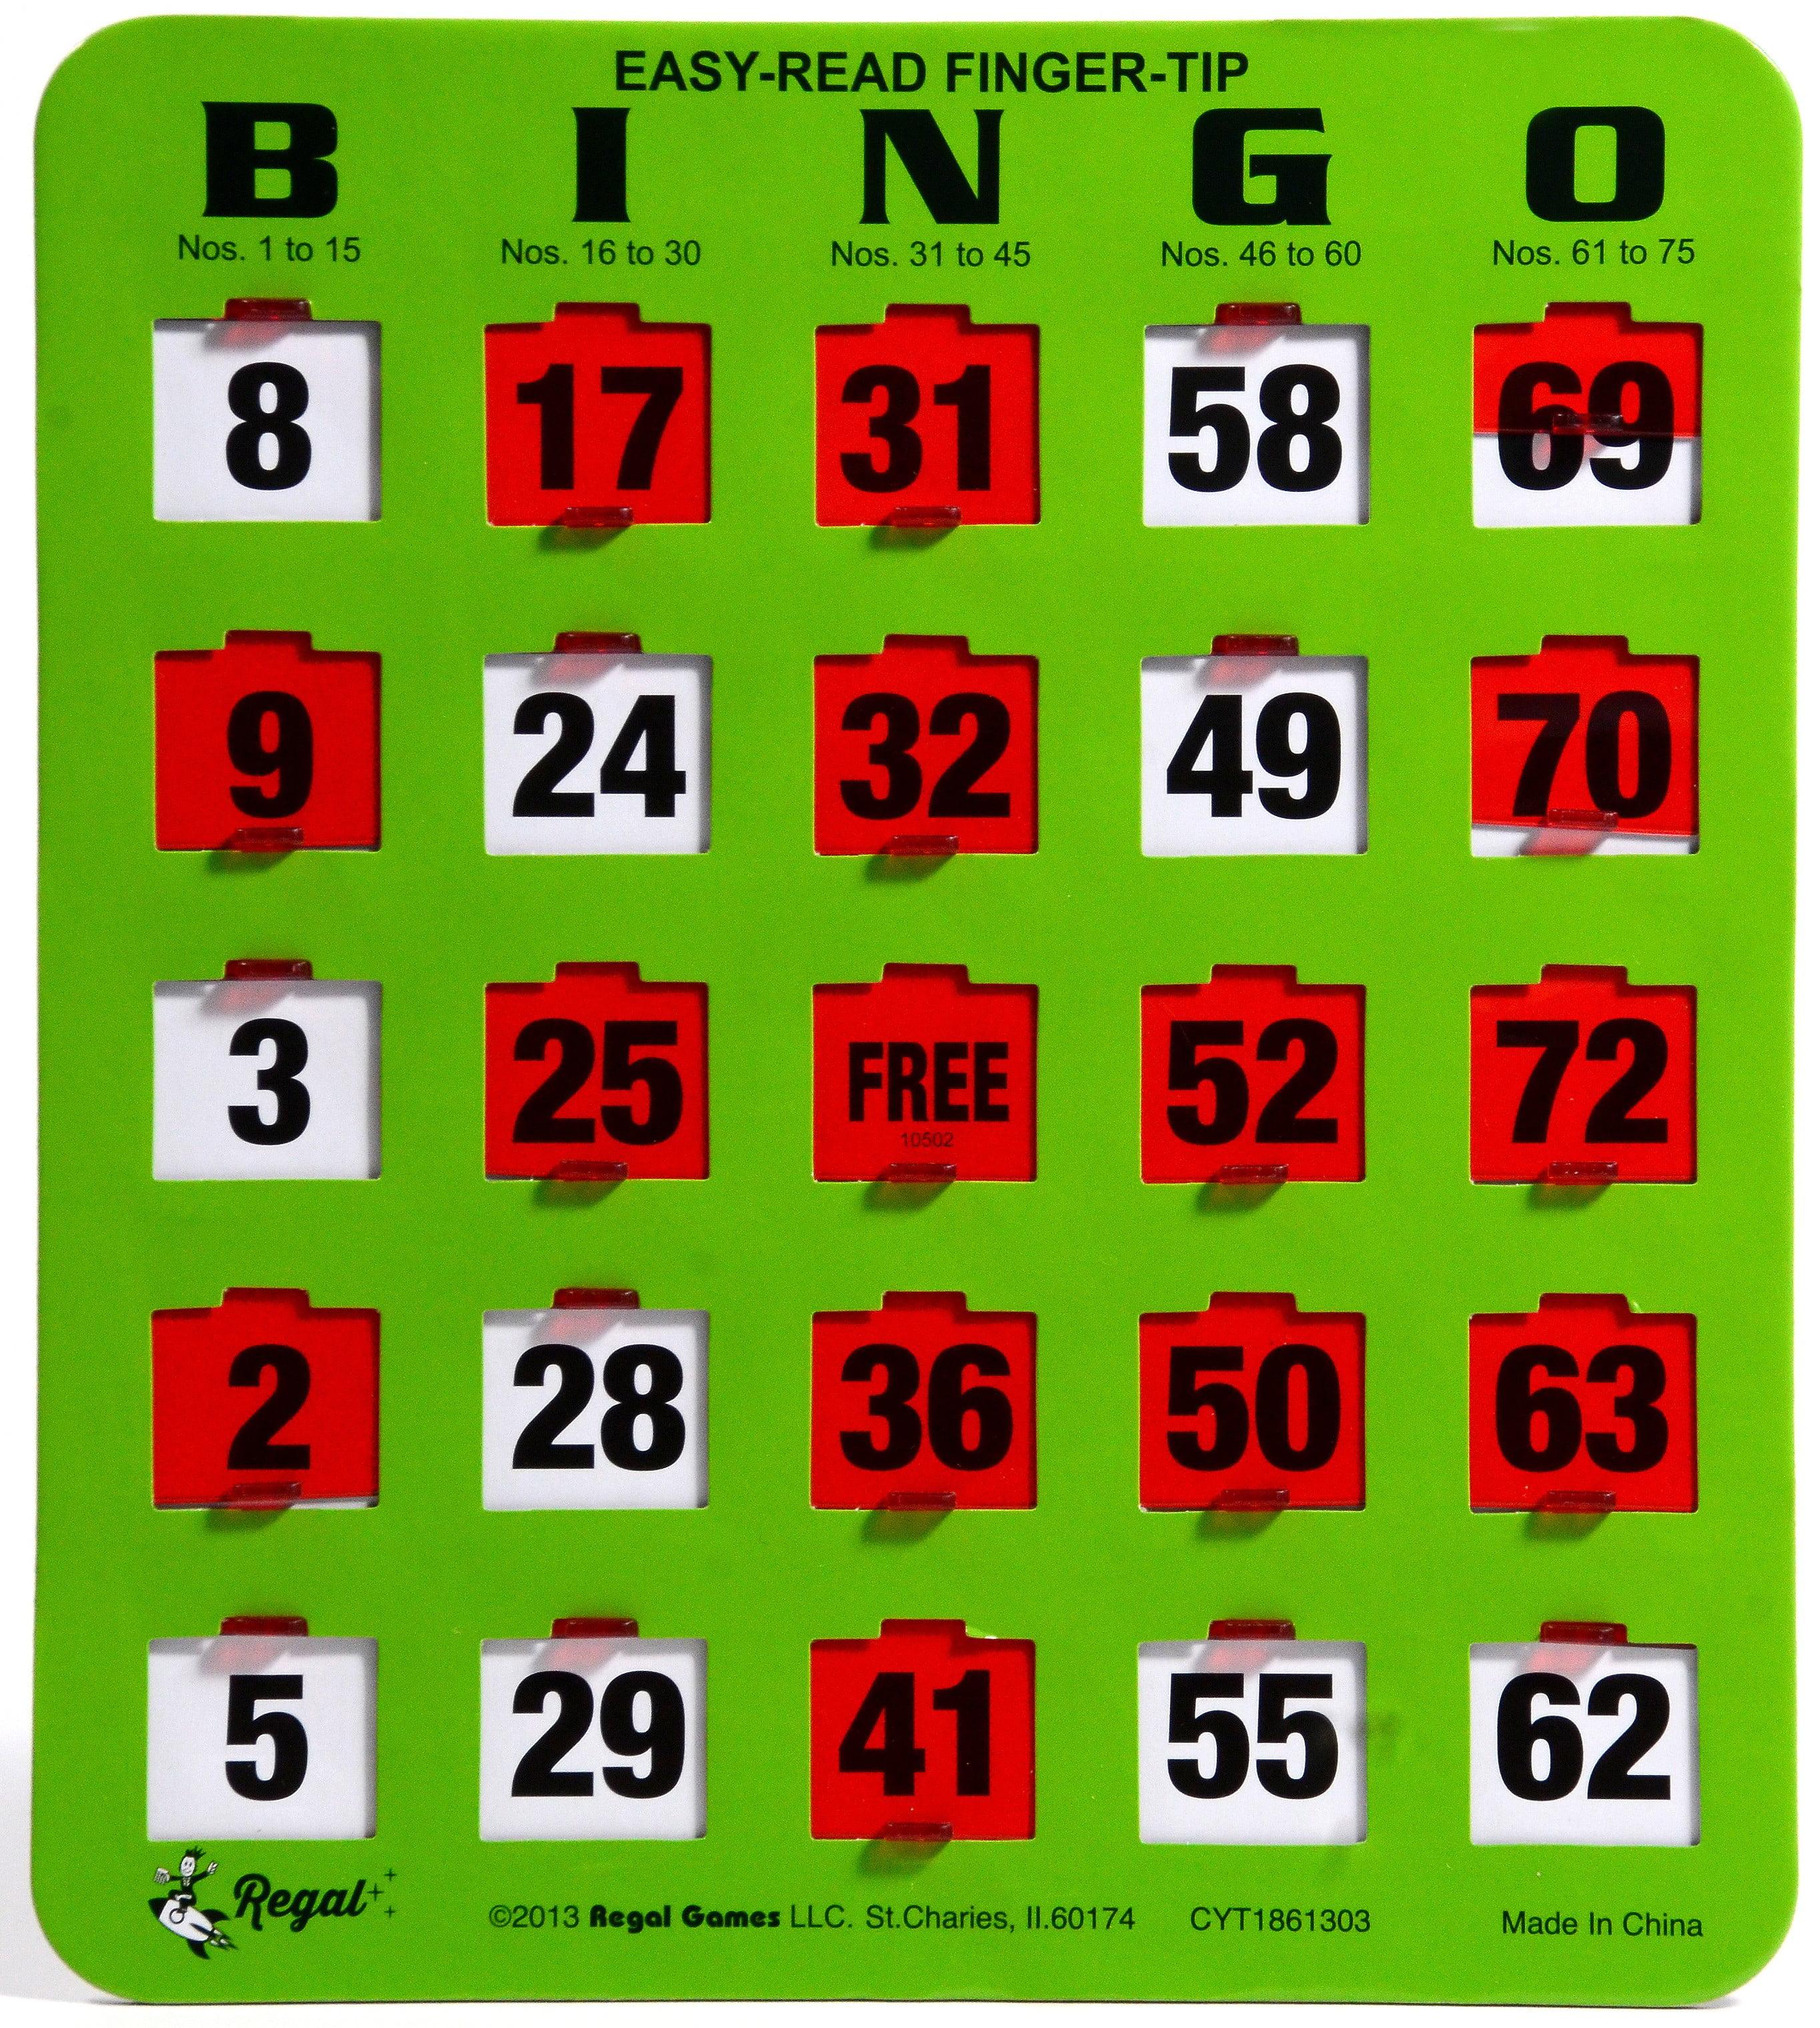 Regal Games 10 Jumbo Easy Read Green Fingertip Shutter Slide Bingo Cards